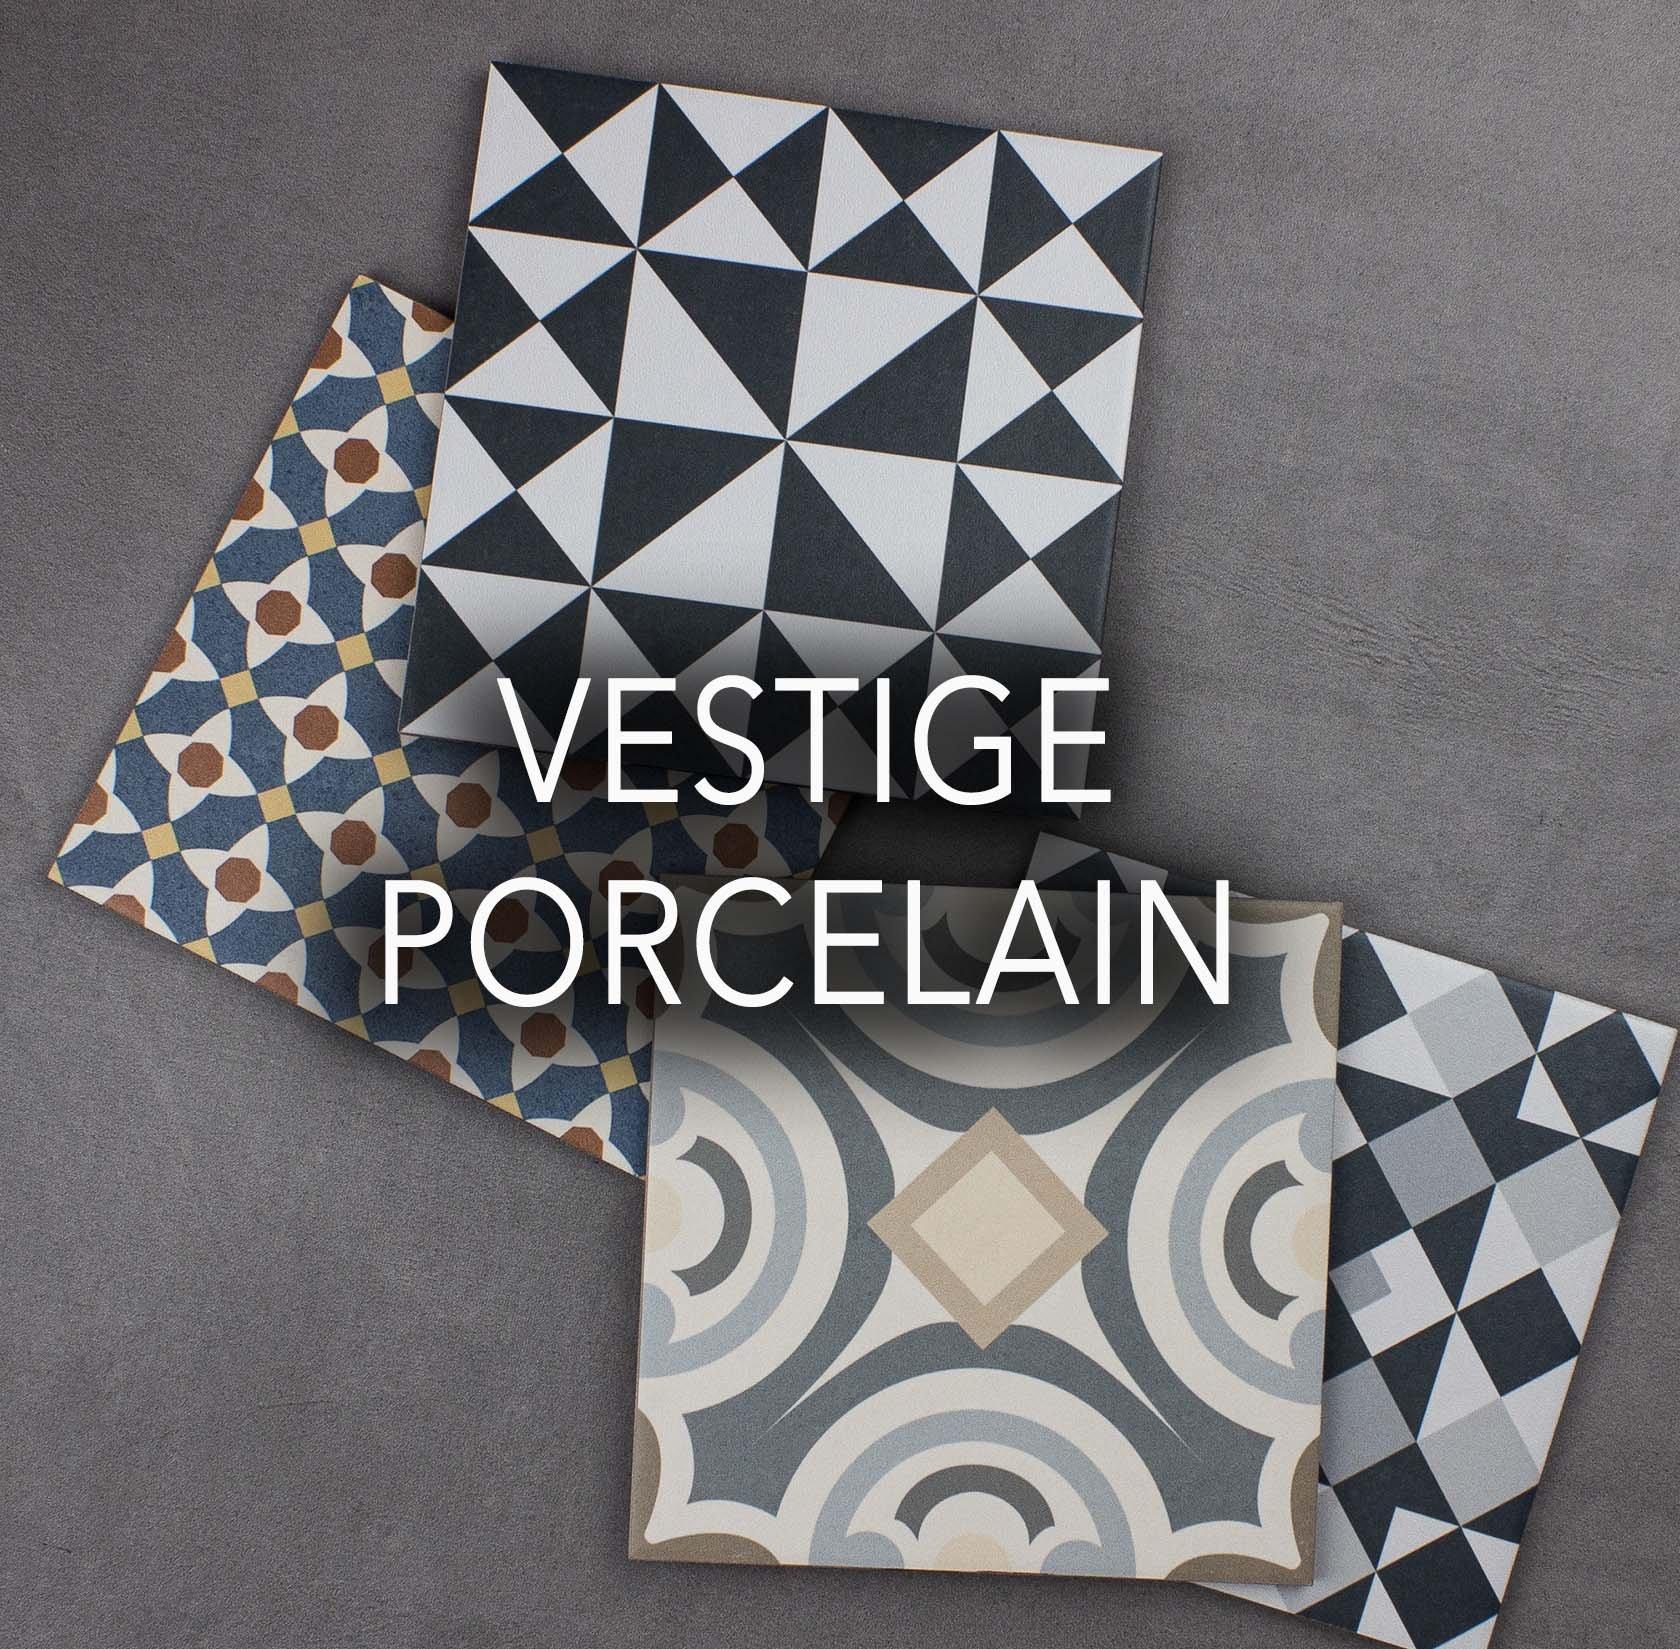 Vestige porcelain tiles